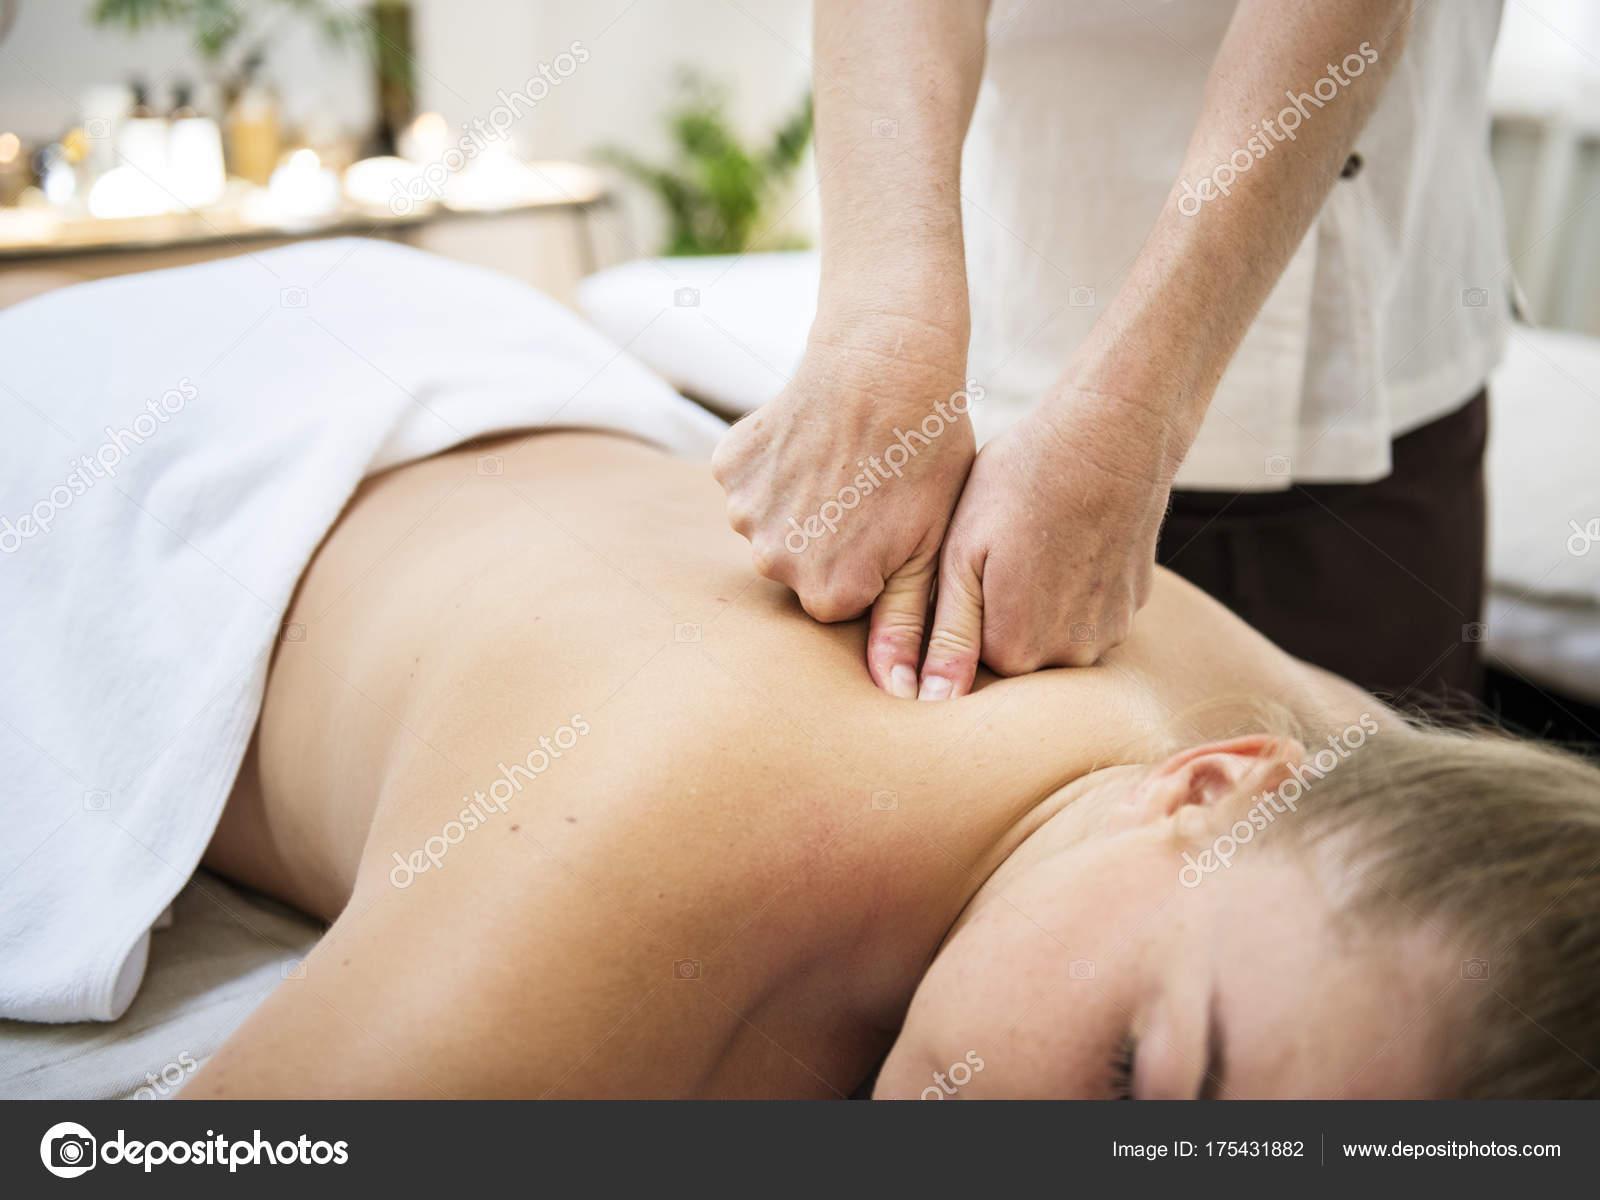 Сделал масаж и трахнул, Порно Массаж -видео. Смотреть порно онлайн! 19 фотография